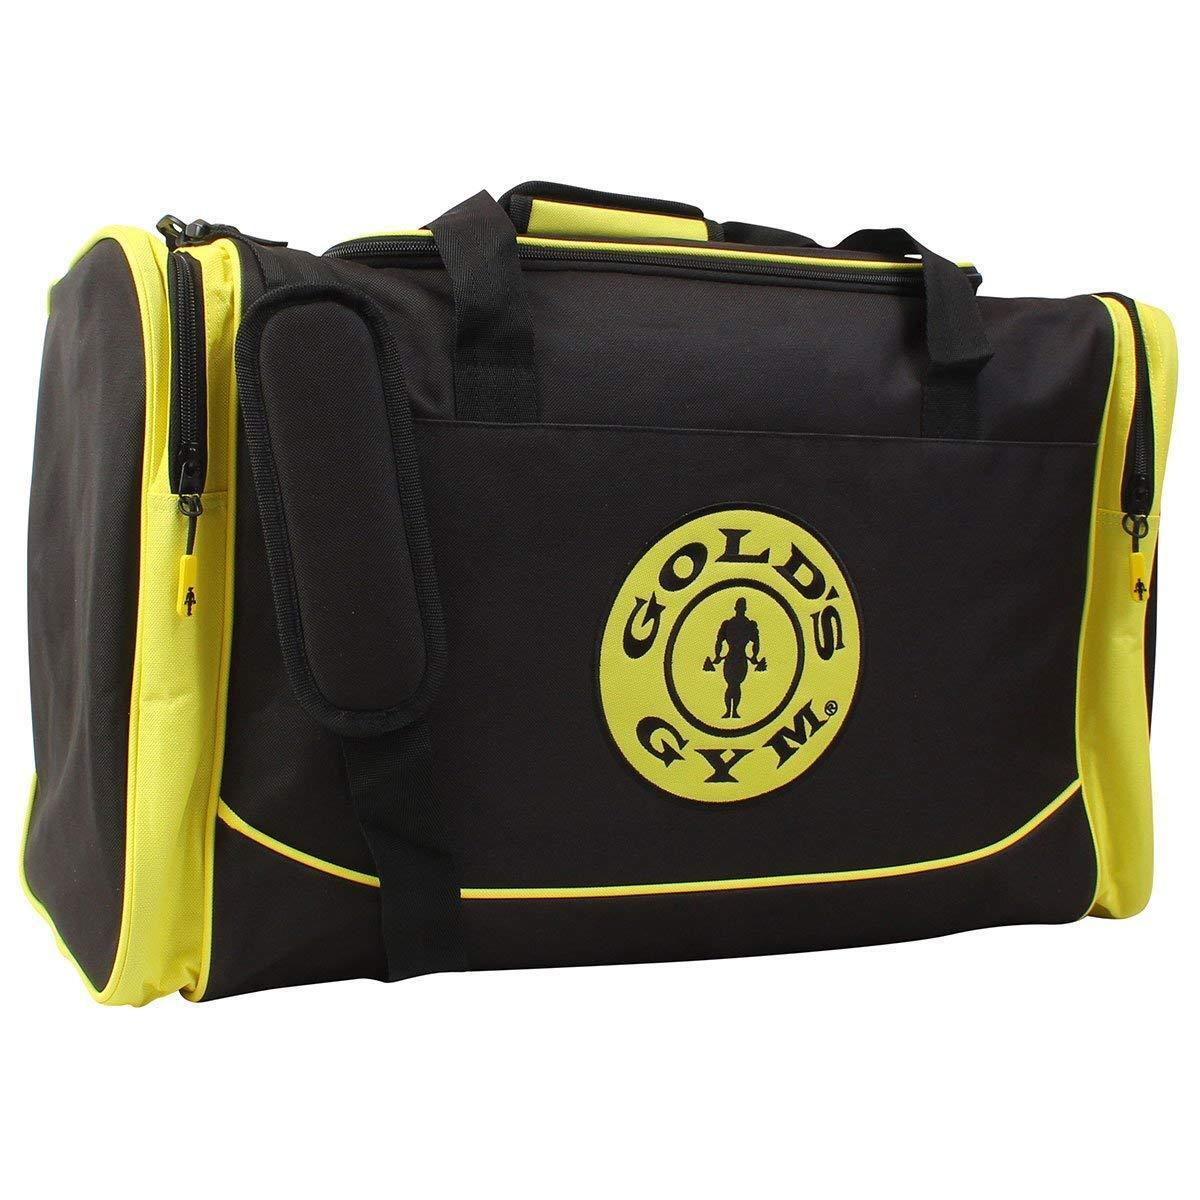 oro's Gym Large Nero & Giallo Sport Duffel Da Uomo Kit Gear Bag Borsone Viaggio